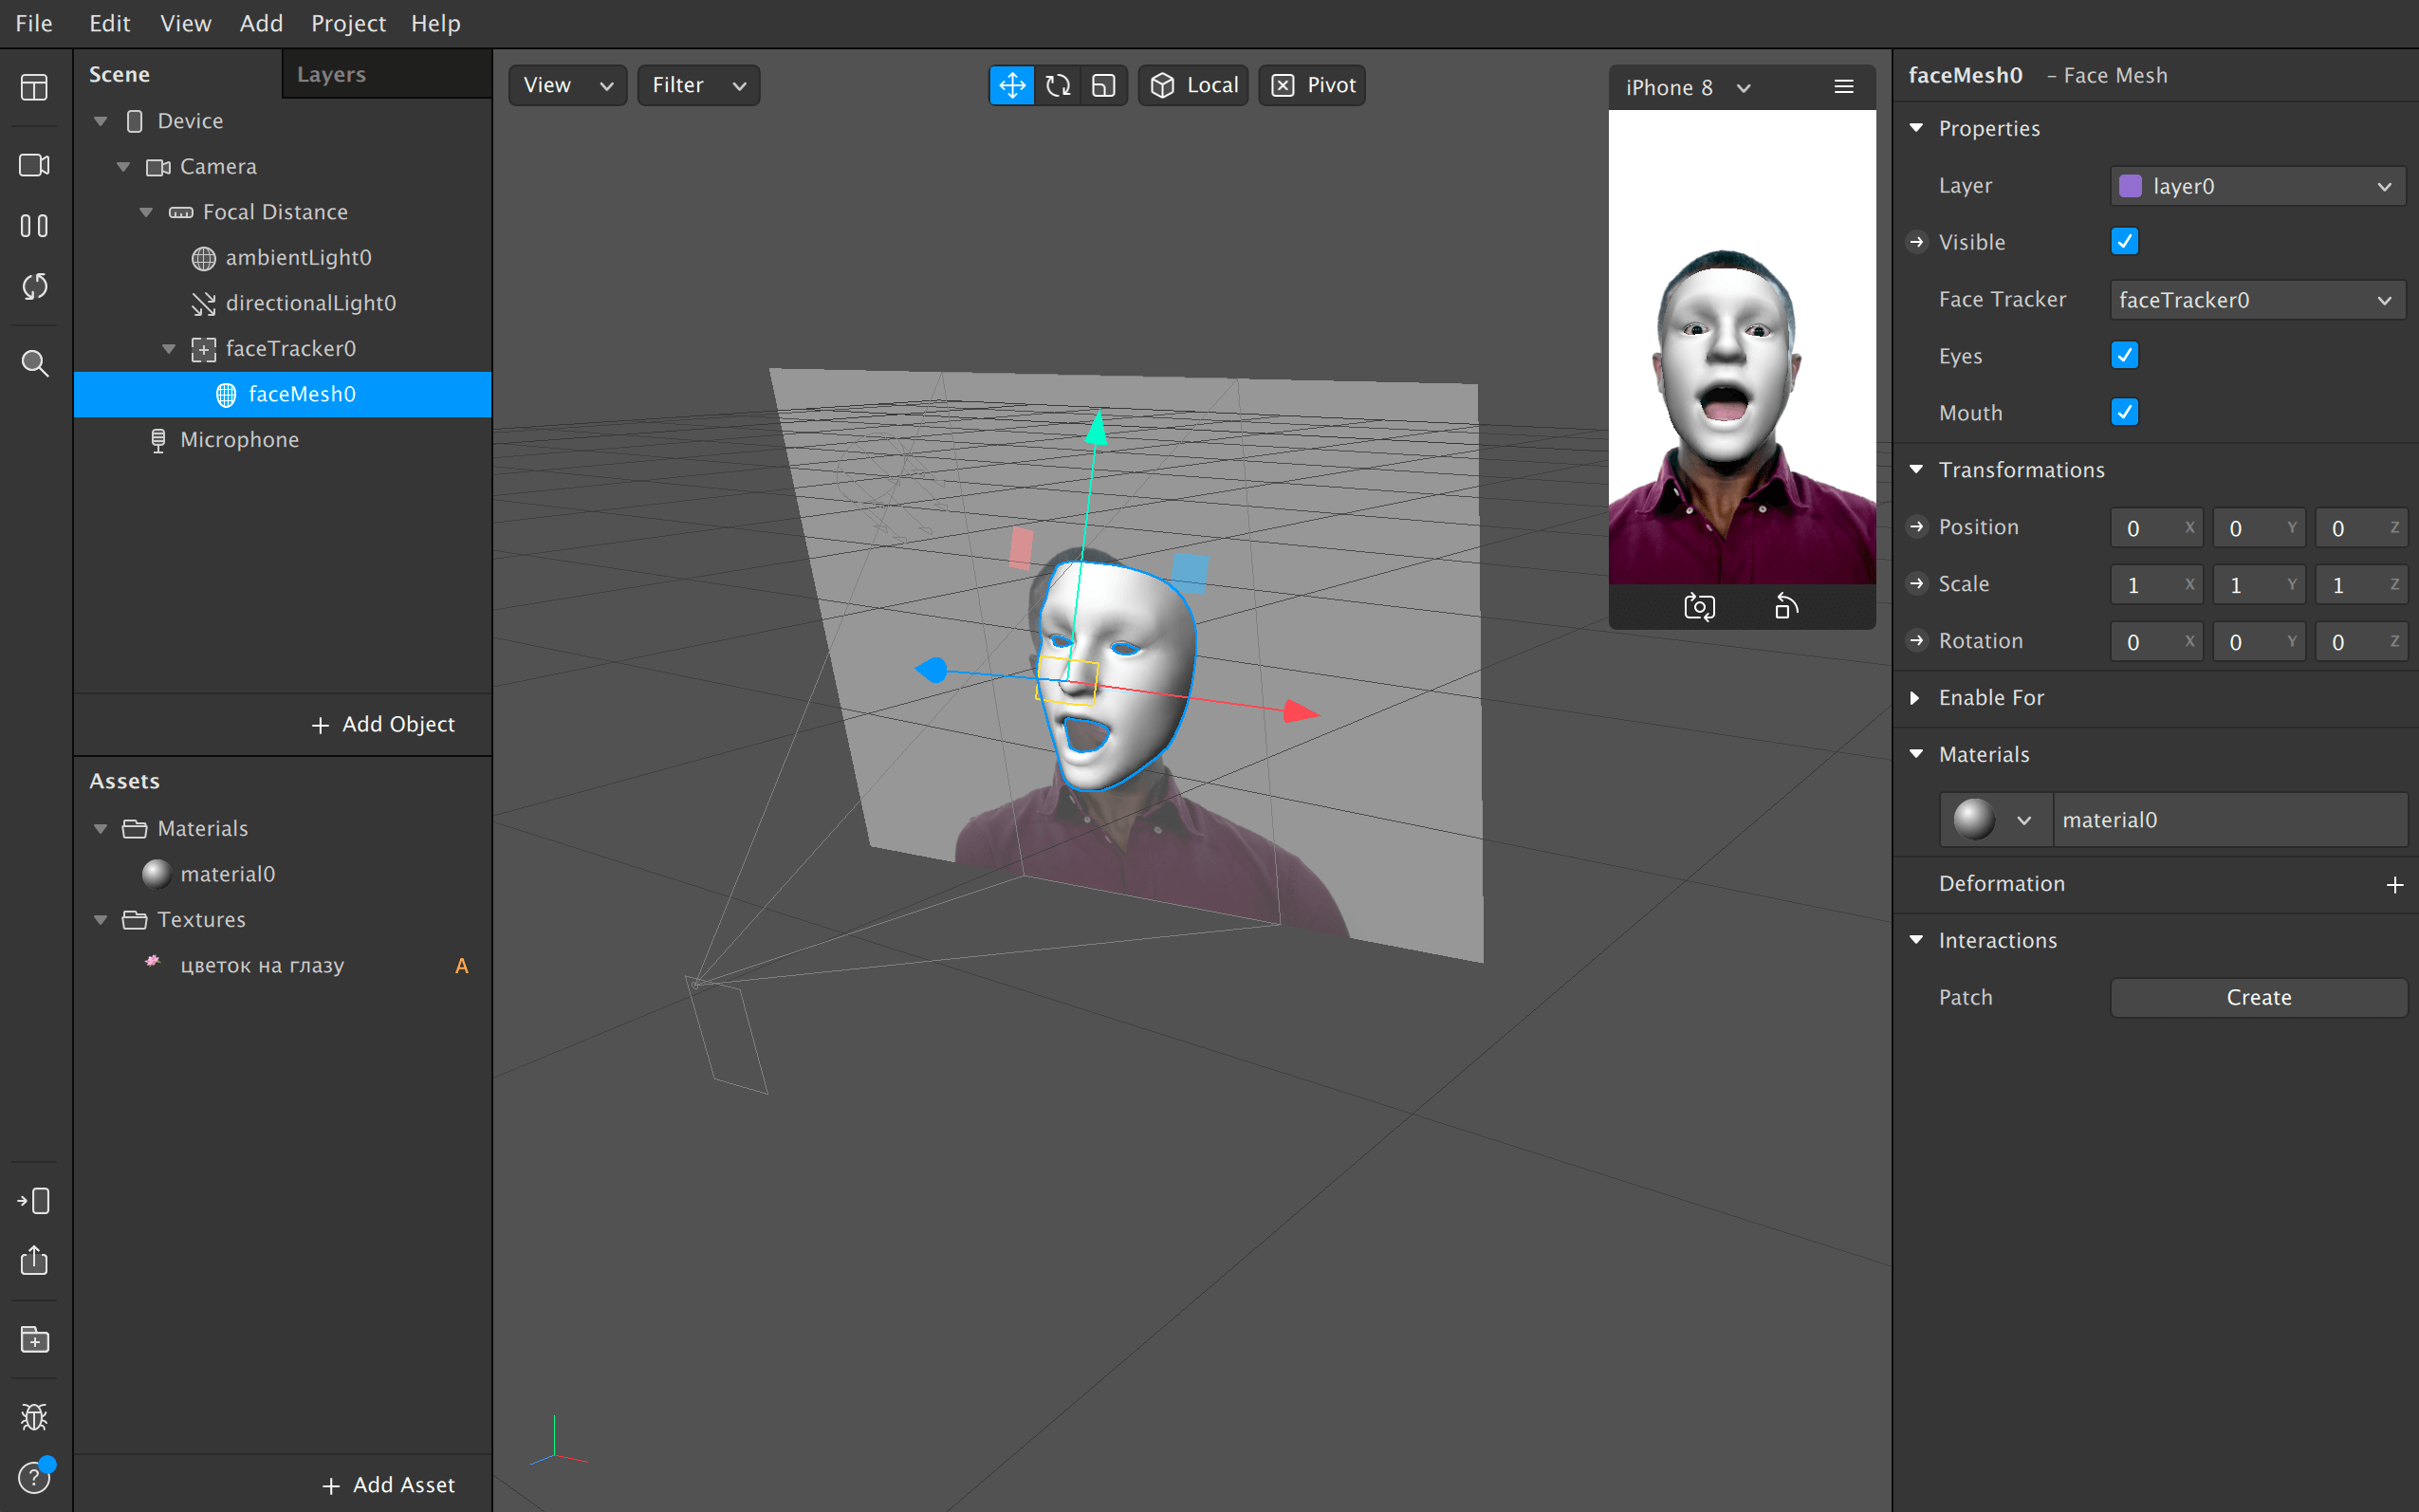 В инспекторе есть множество разных настроек модели лица. Например, Visible отвечает за видимость, Eyes и Mouth — за то, естьли у модели глаза и рот, Transformations — это настройки ее координат и т. д.